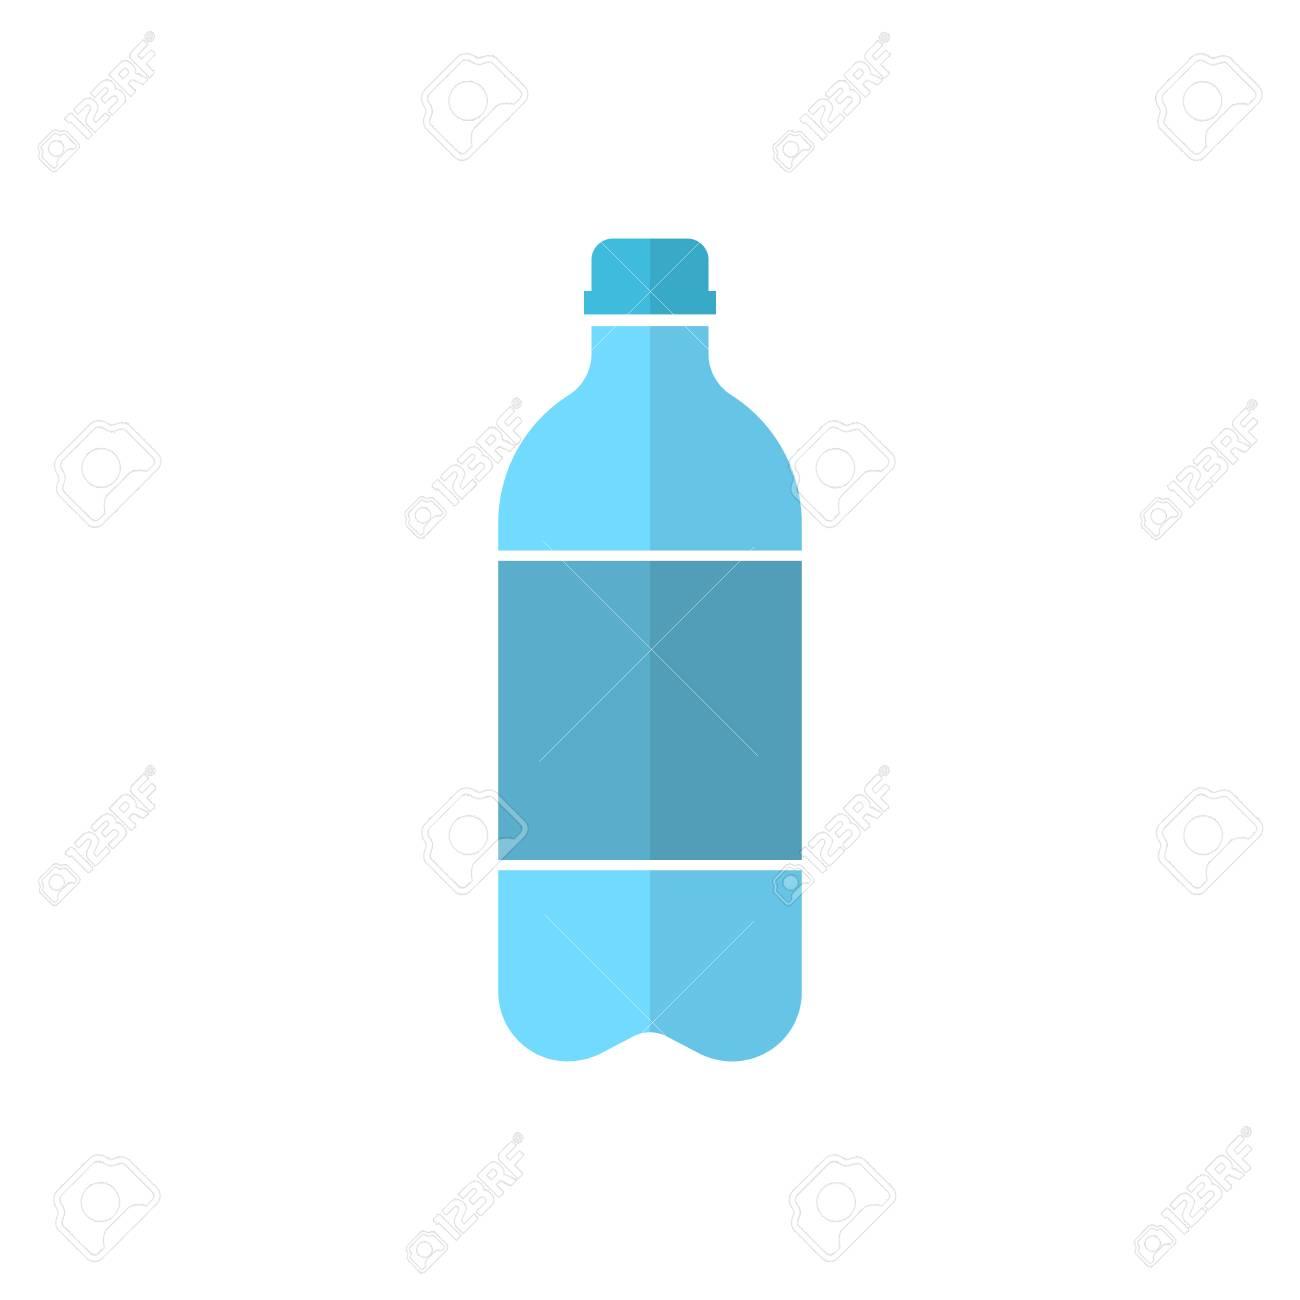 Flat Water Bottle >> Water Bottle Icon In Flat Style Plastic Soda Bottle Vector